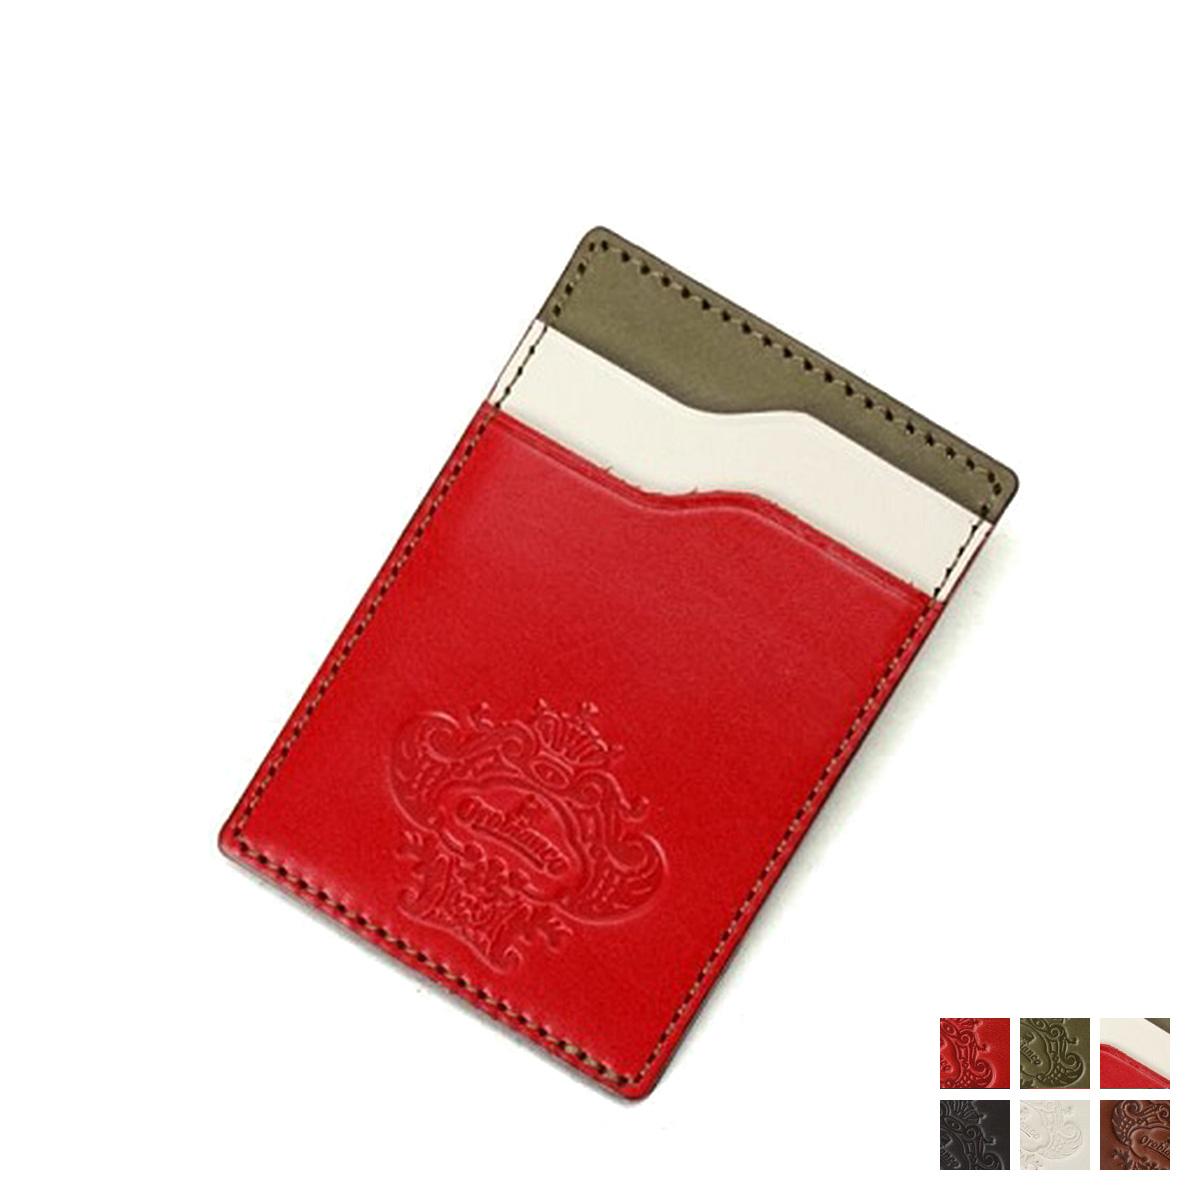 Orobianco PASS CASE オロビアンコ パスケース カードケース ID 定期入れ メンズ レディース レザー ブラック ホワイト ブラウン レッド グリーン トリコロール 黒 白 ORPA-001